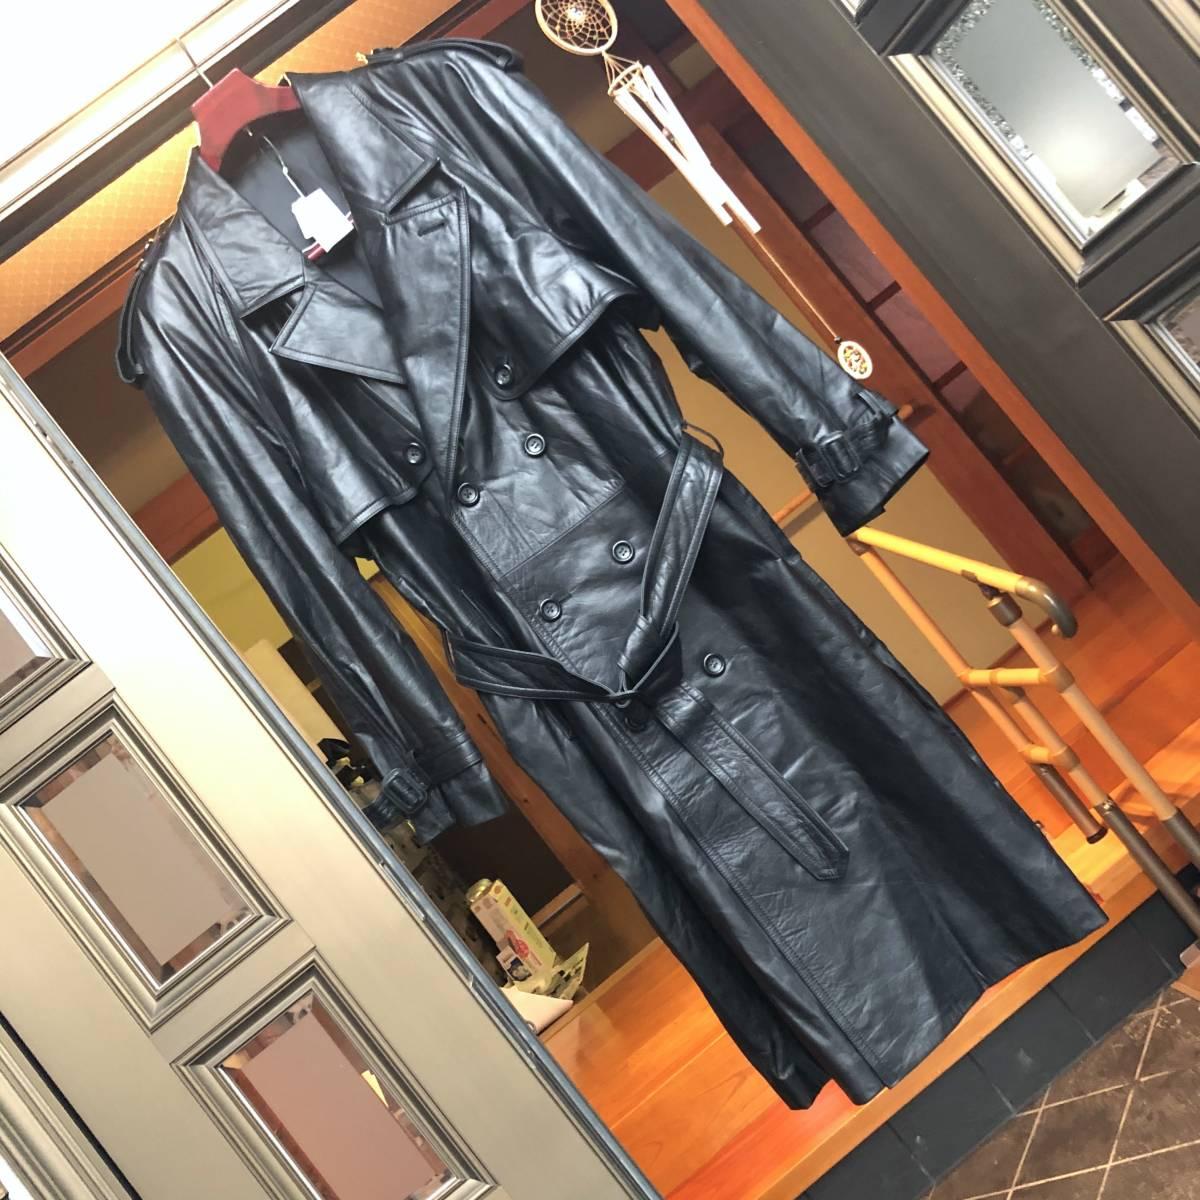 1円スタート 未使用 ロングコート 革 ブラック 近鉄百貨店で, 75,000円。 高級 牛